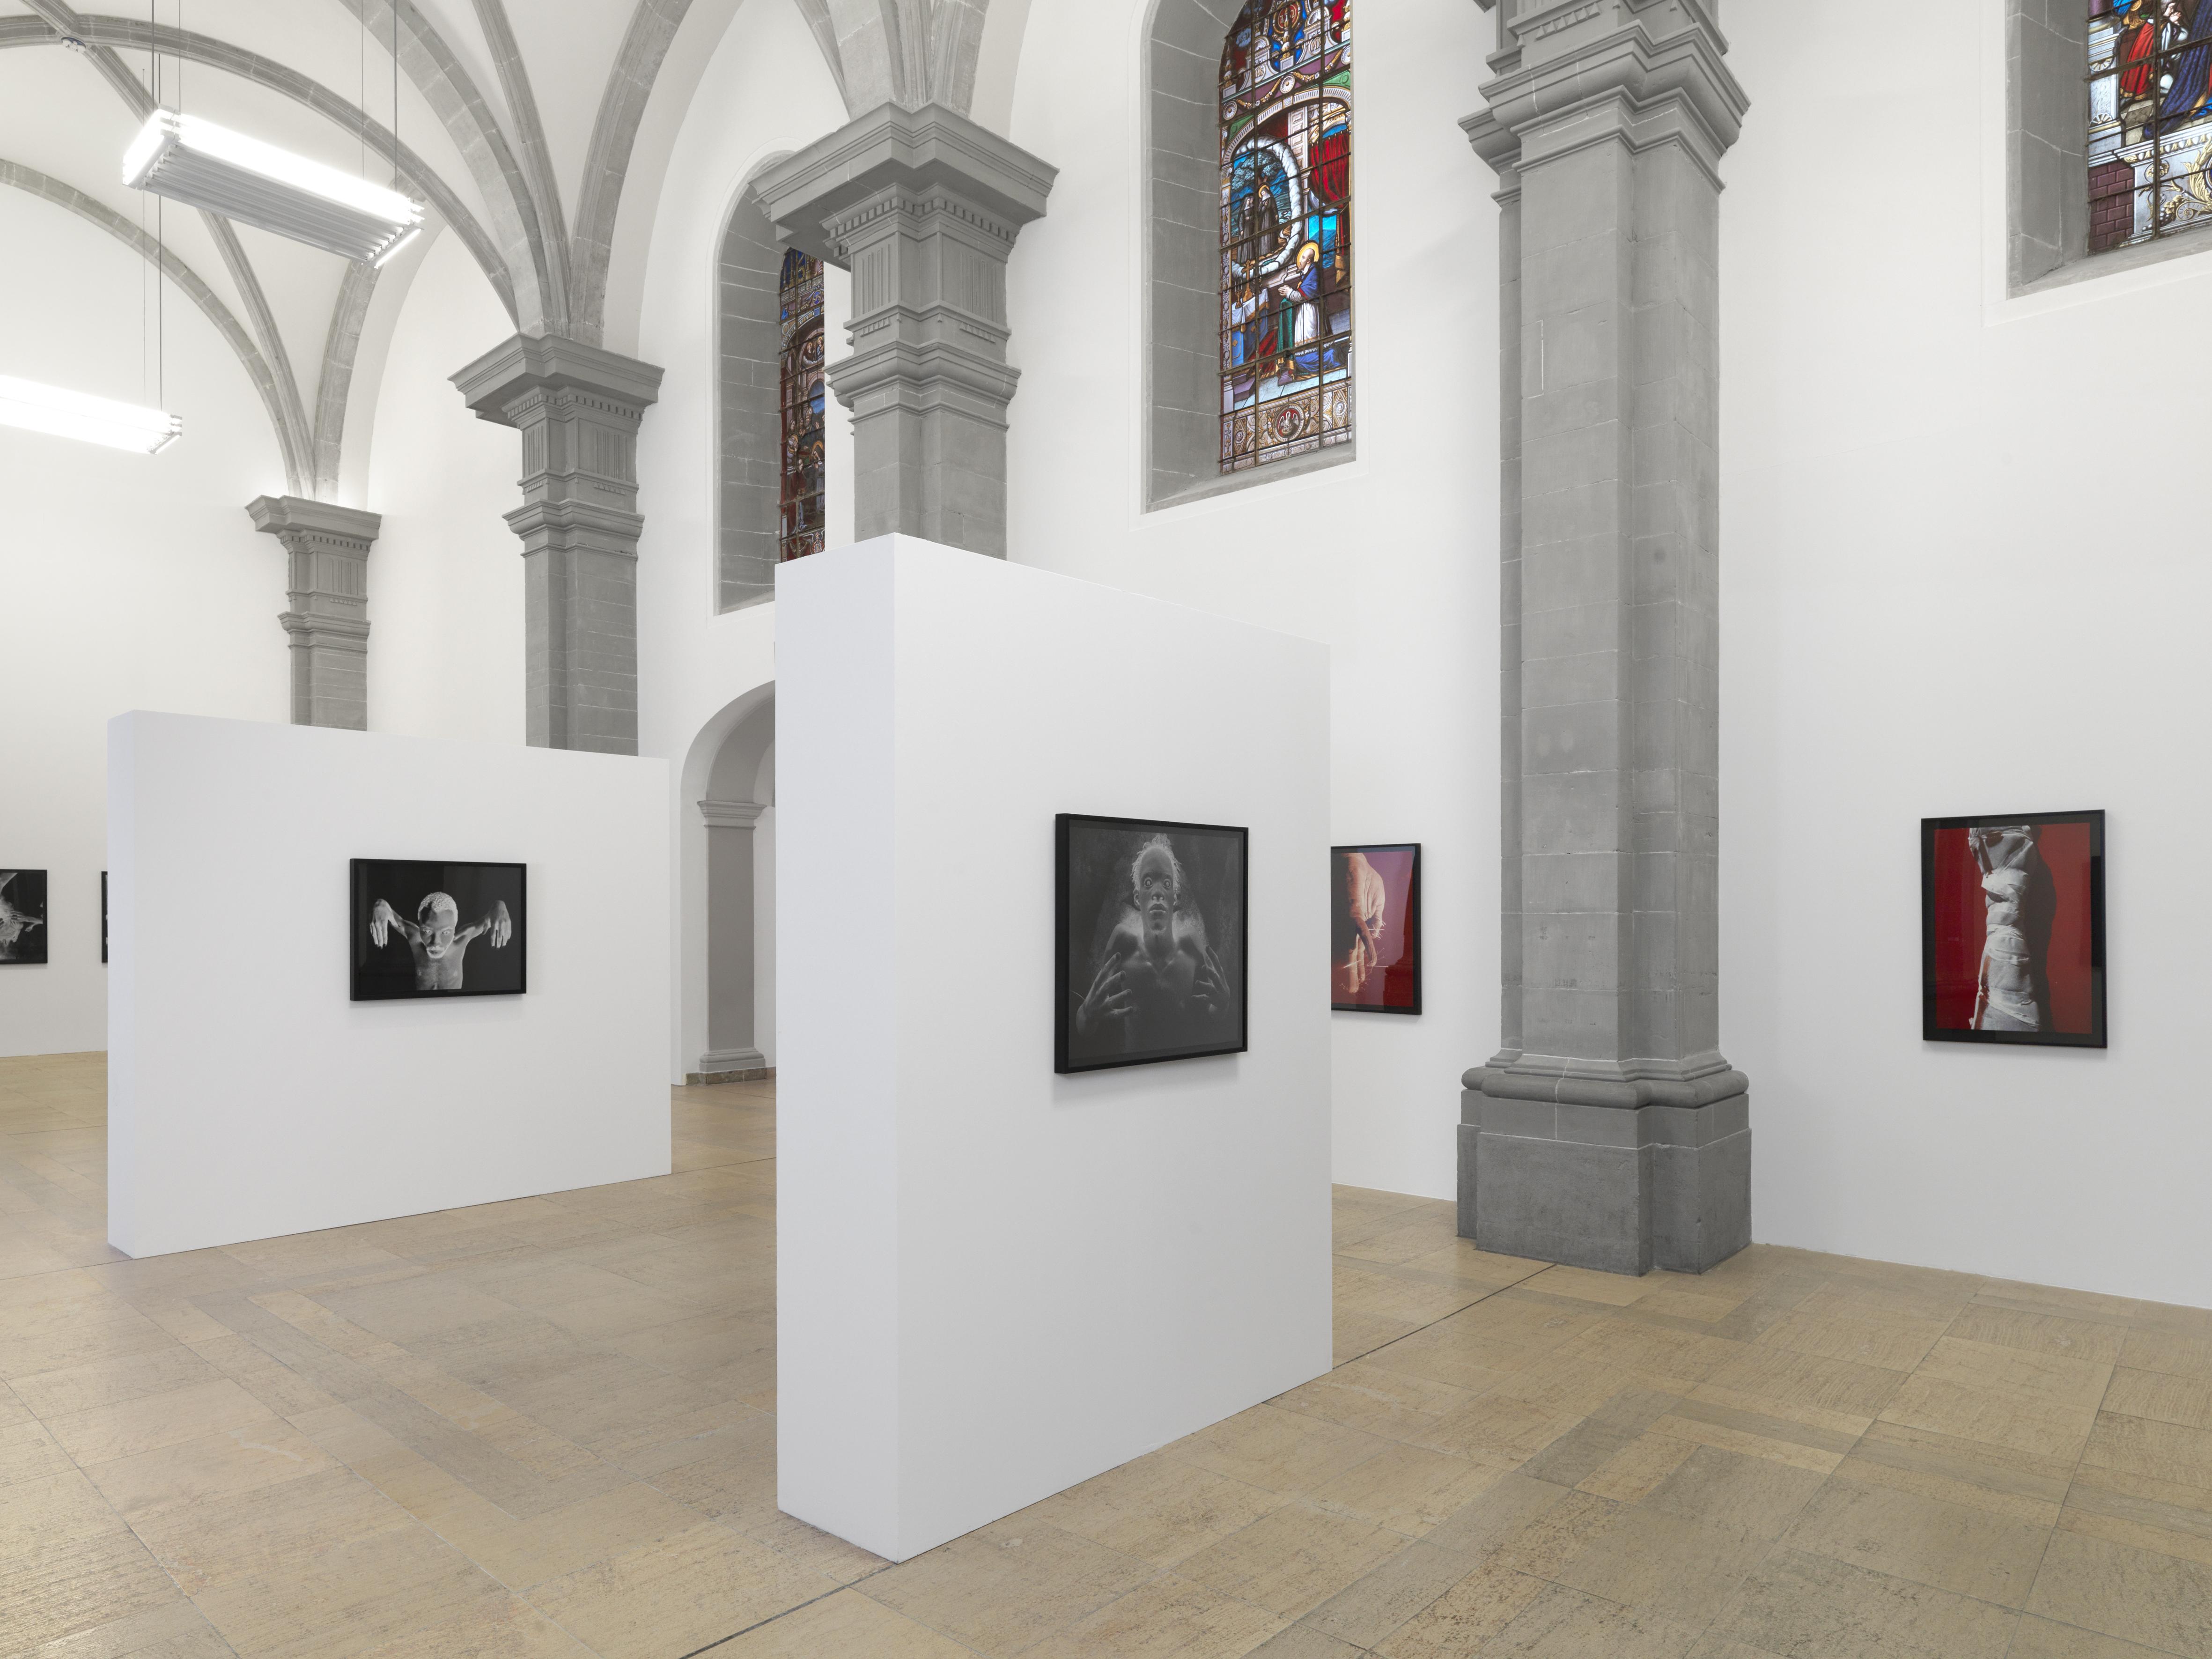 Image et Mystère - Commissaire : Philippe Piguet - Chapelle de la Visitation - ©Annik Wetter